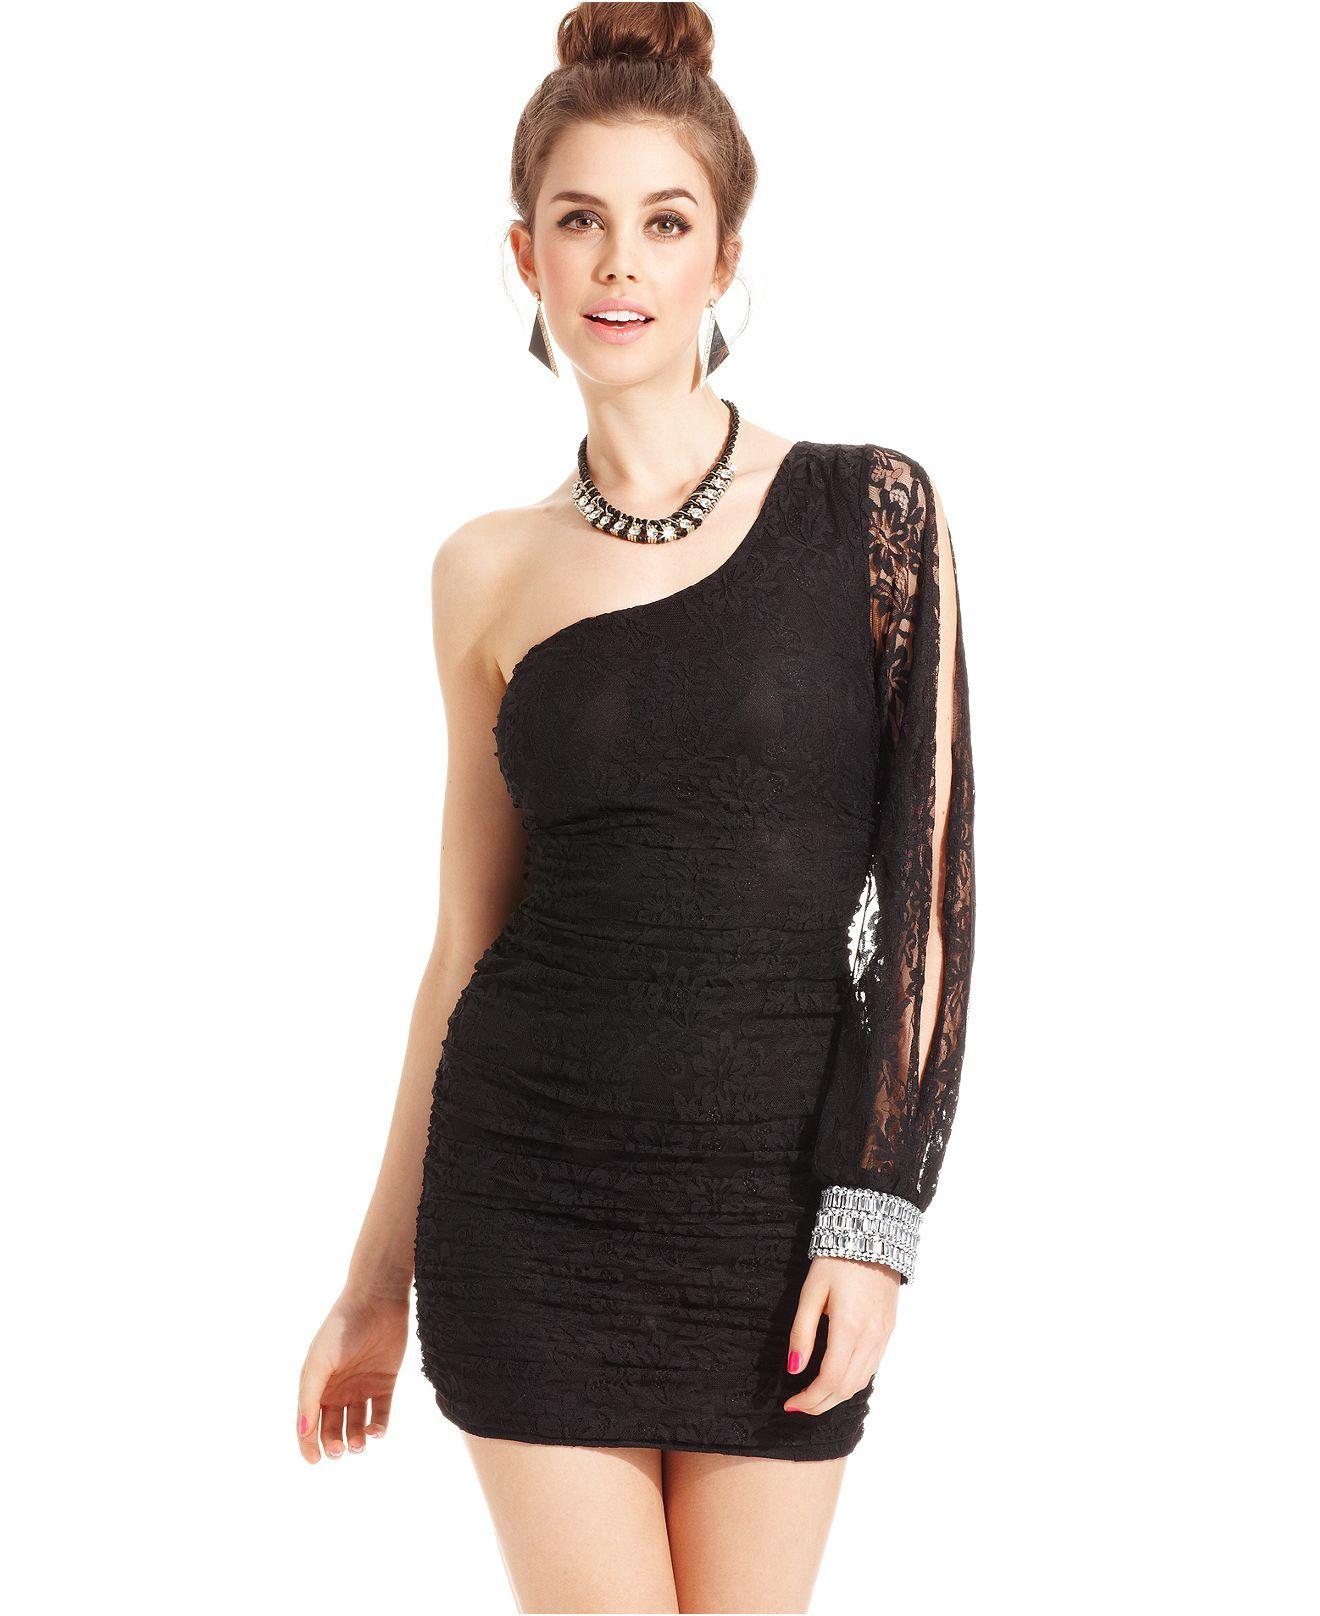 Trixxi One Shoulder Dress